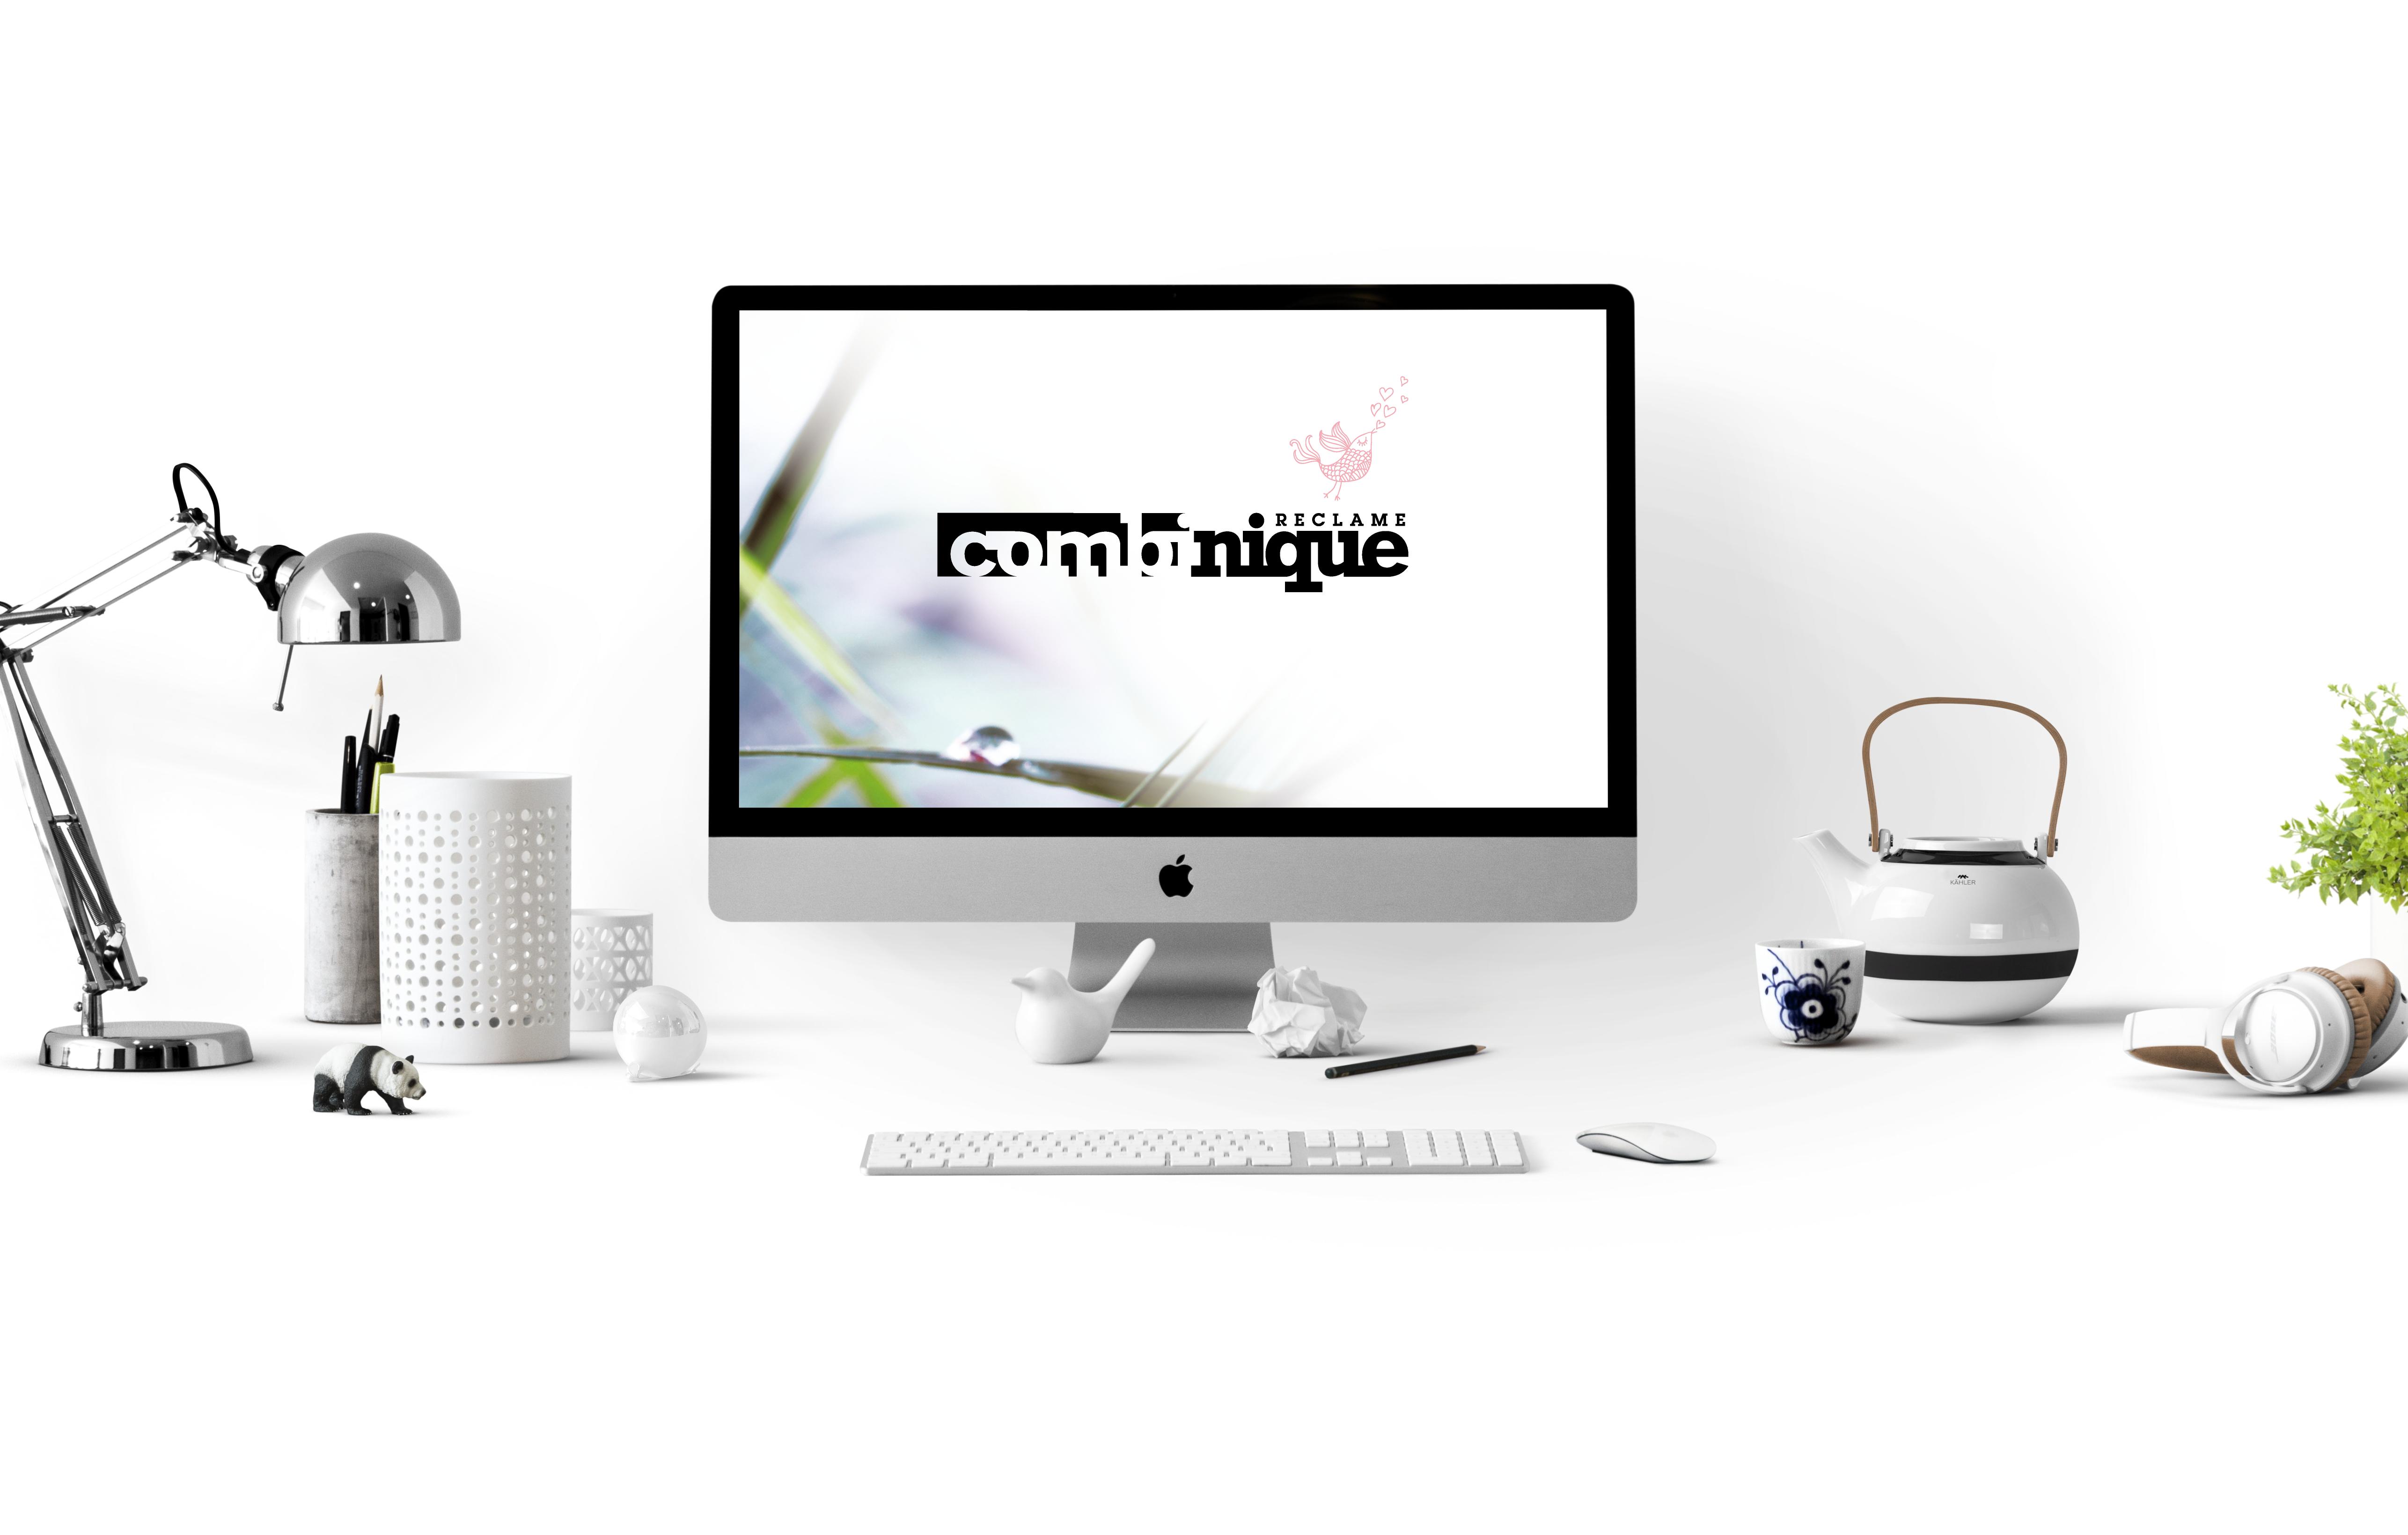 Combinique reclame achtergrond met logo